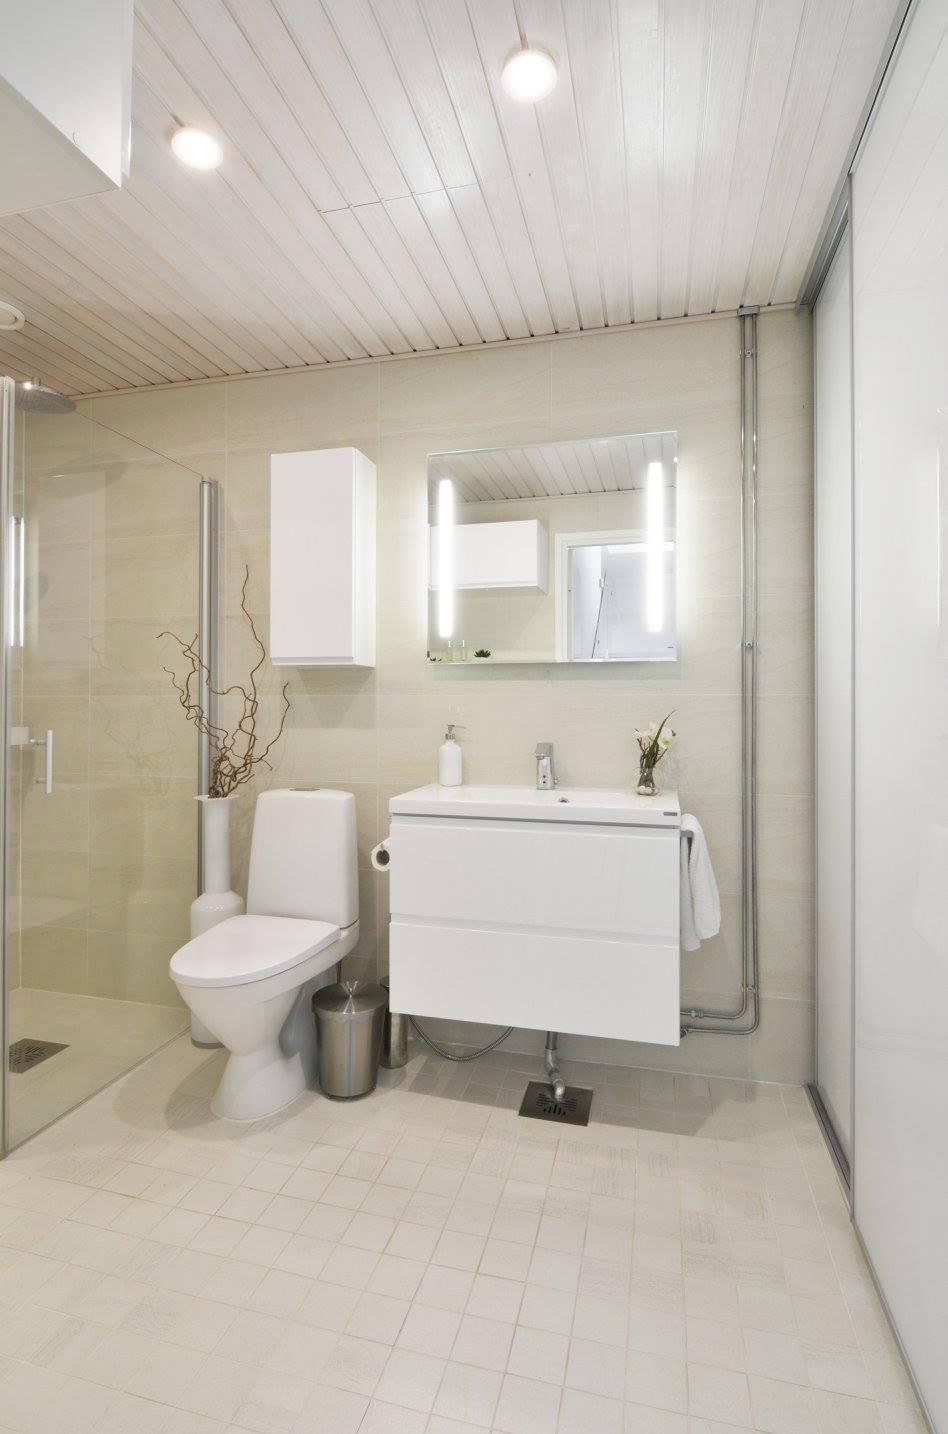 hotellitunnelmaa-kerrostalokotiin-kylpyhuone-ja-wc